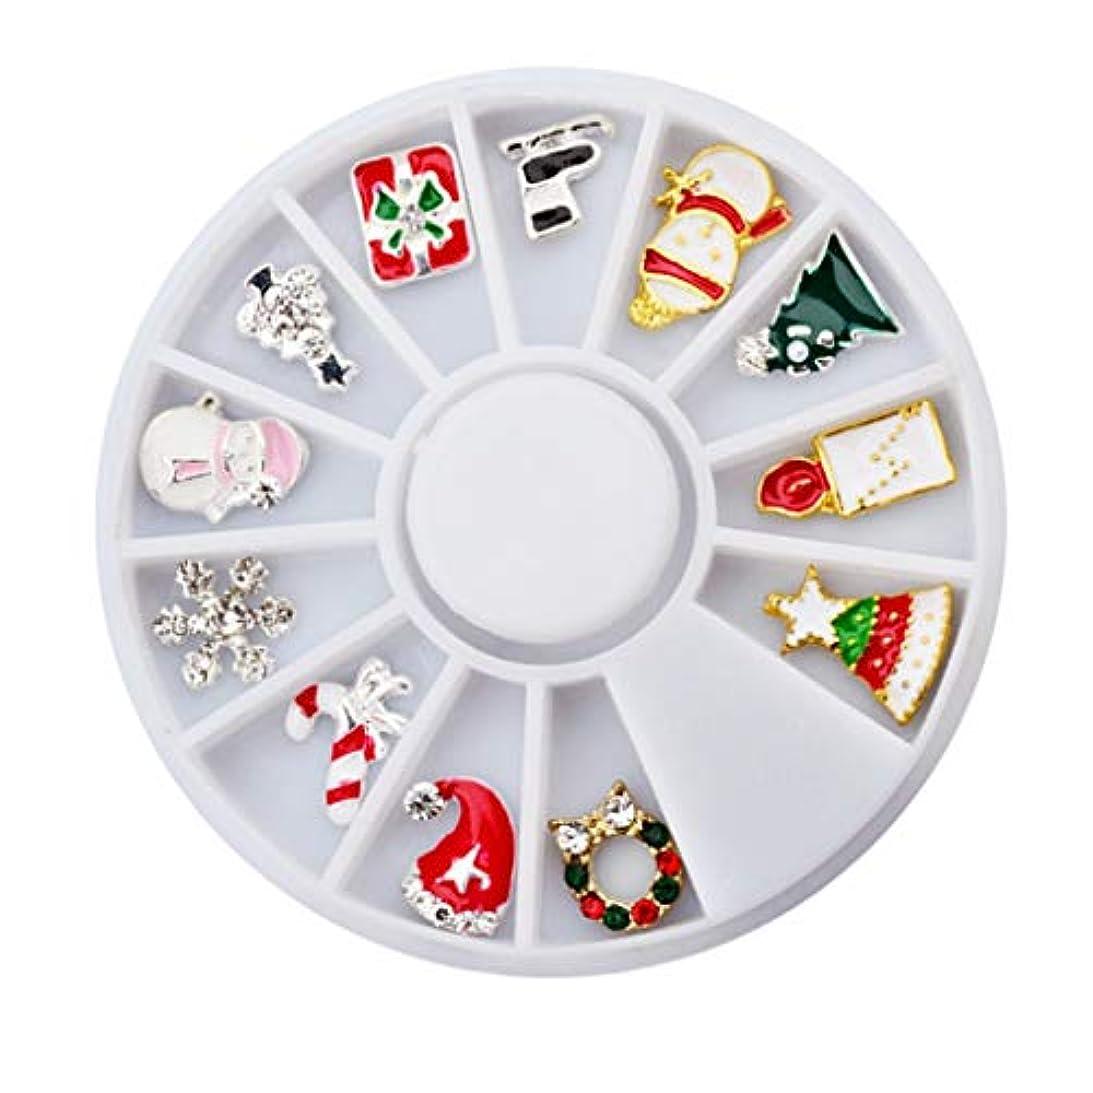 安西保有者恐怖Toygogo ネイルアート3Dアクセサリー12個混合クリスマス合金デカールDIY飾り装飾ステッカー